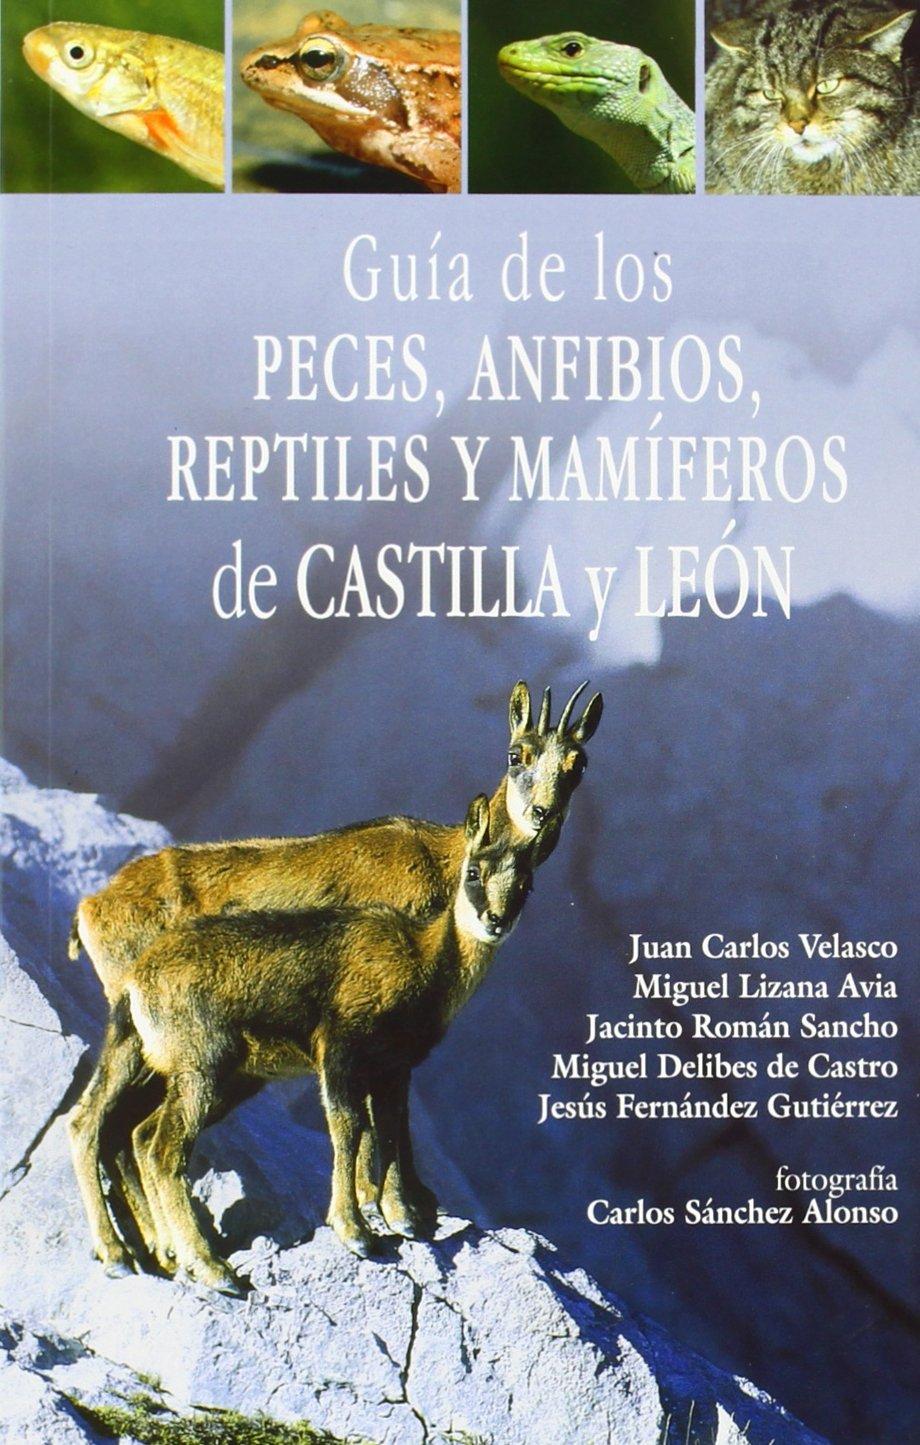 GUIA DE PECES ANFIBIOS REPTILES Y MAMIFEROS DE CASTILLA LEON: Amazon.es: VELASCO MARCOS JUAN CARLOS: Libros